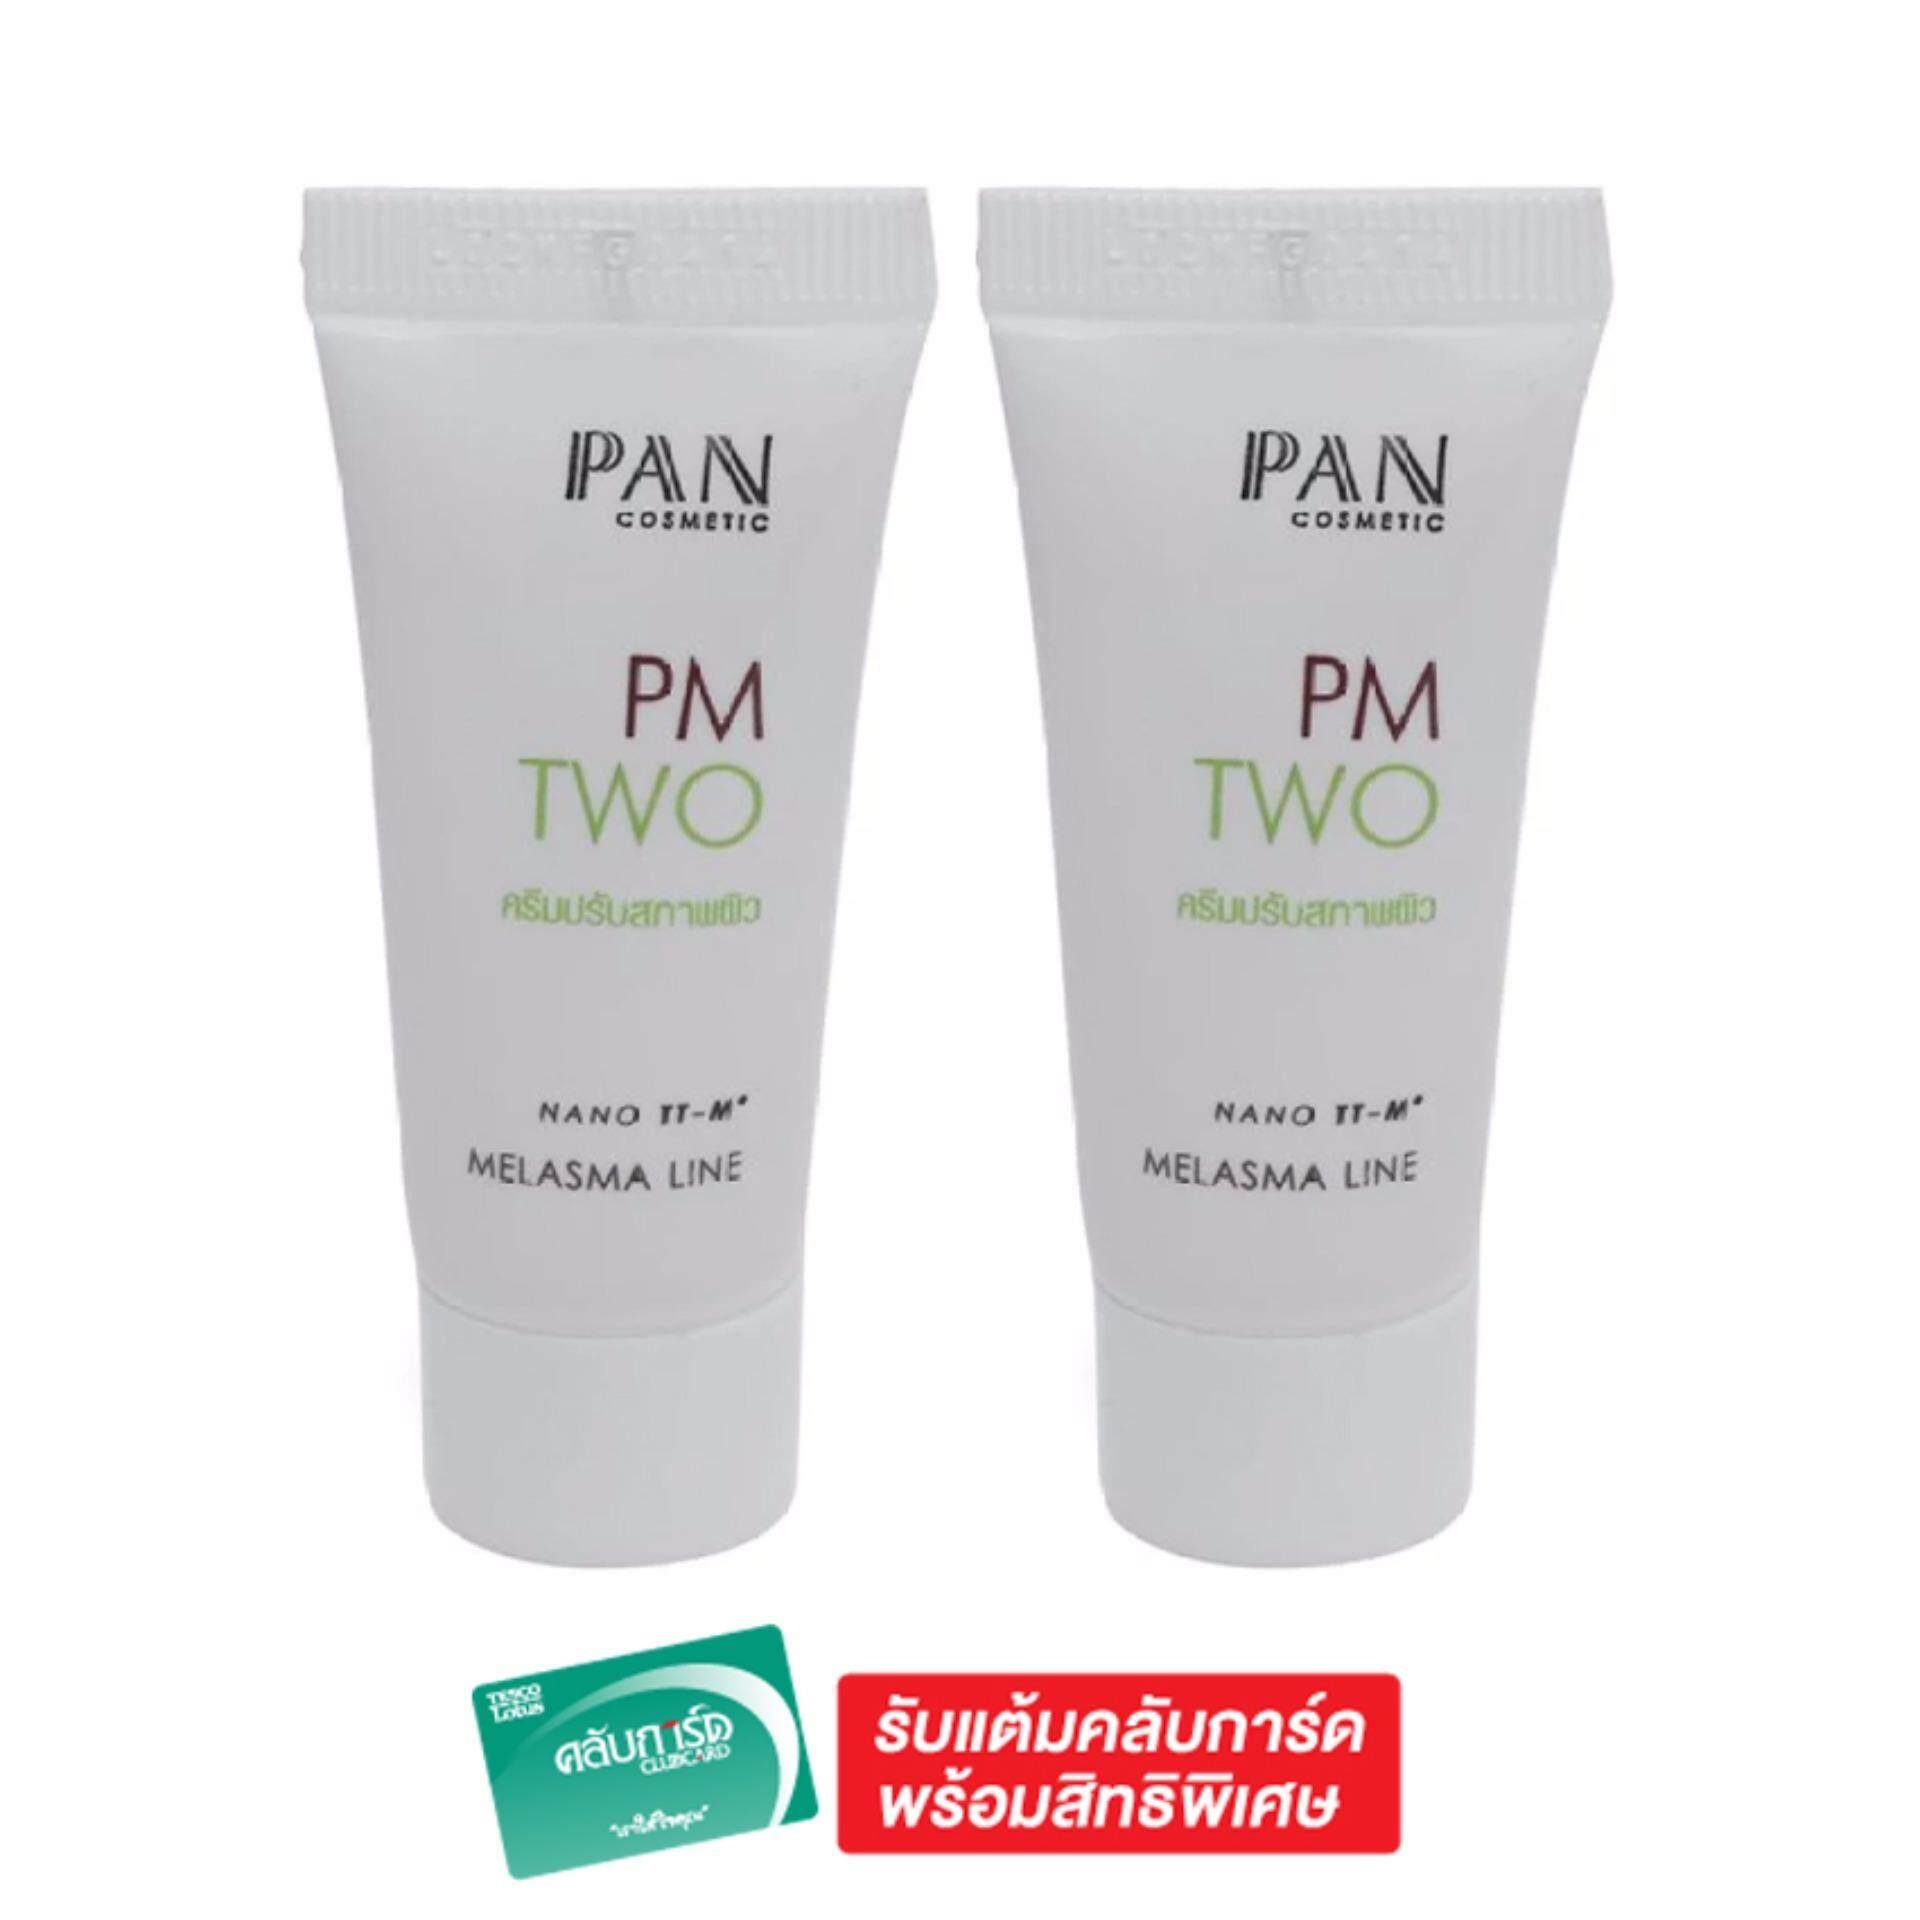 PANแพน พีเอ็ม 2 ครีมปรับสภาพผิว 10กรัม แพ็ค 2